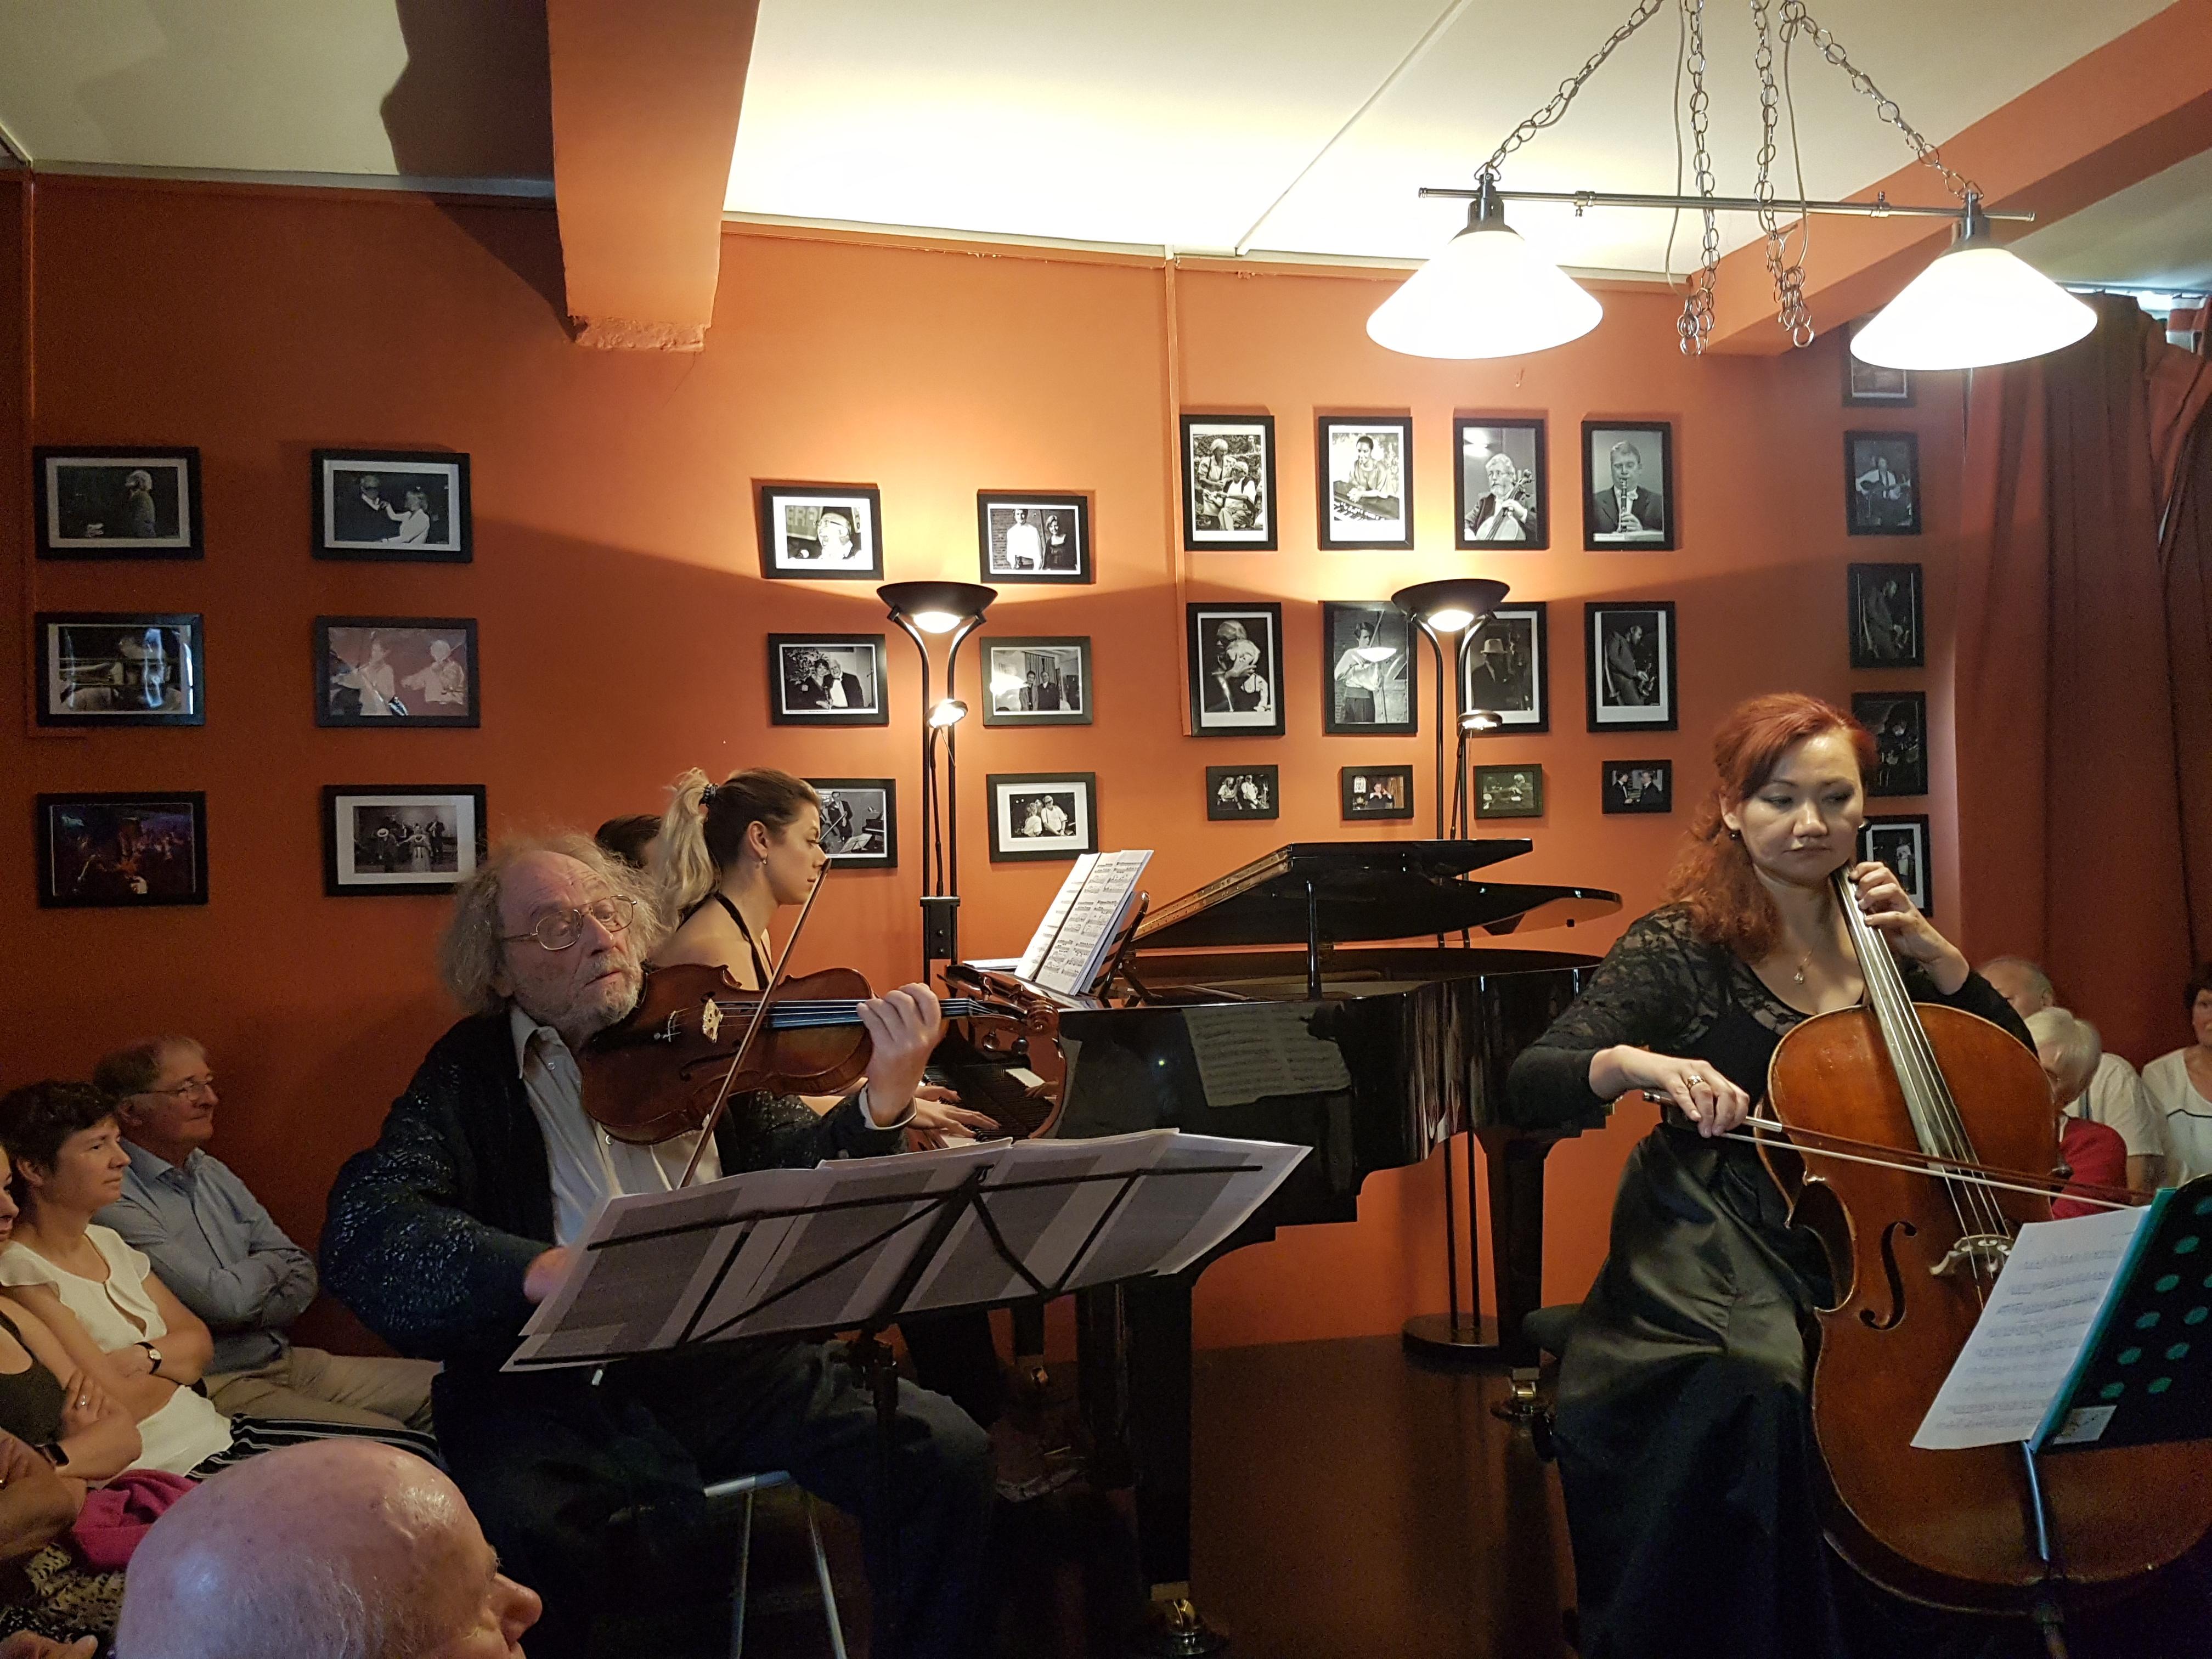 Trio Les Misérables Spelen Als In De Sixtijnse Kapel